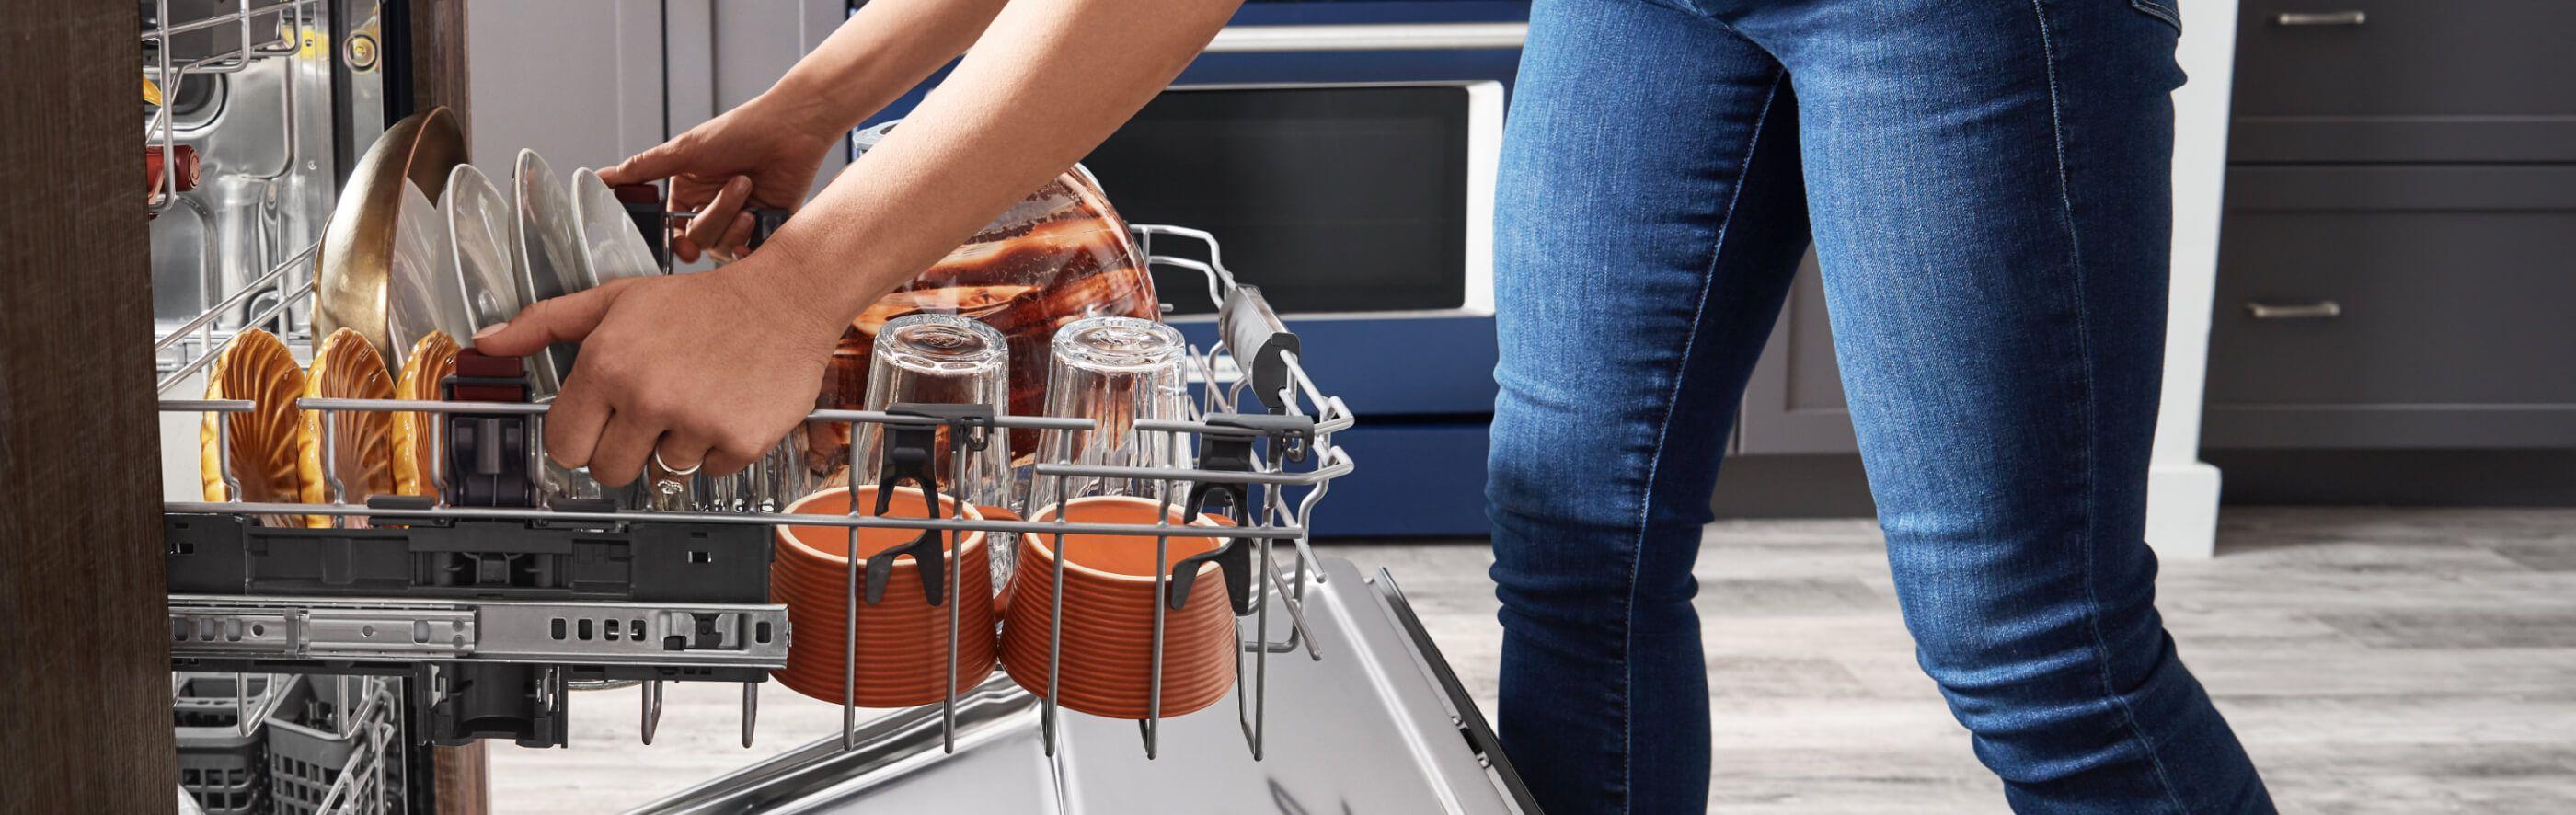 Woman adjusting upper rack in loaded dishwasher